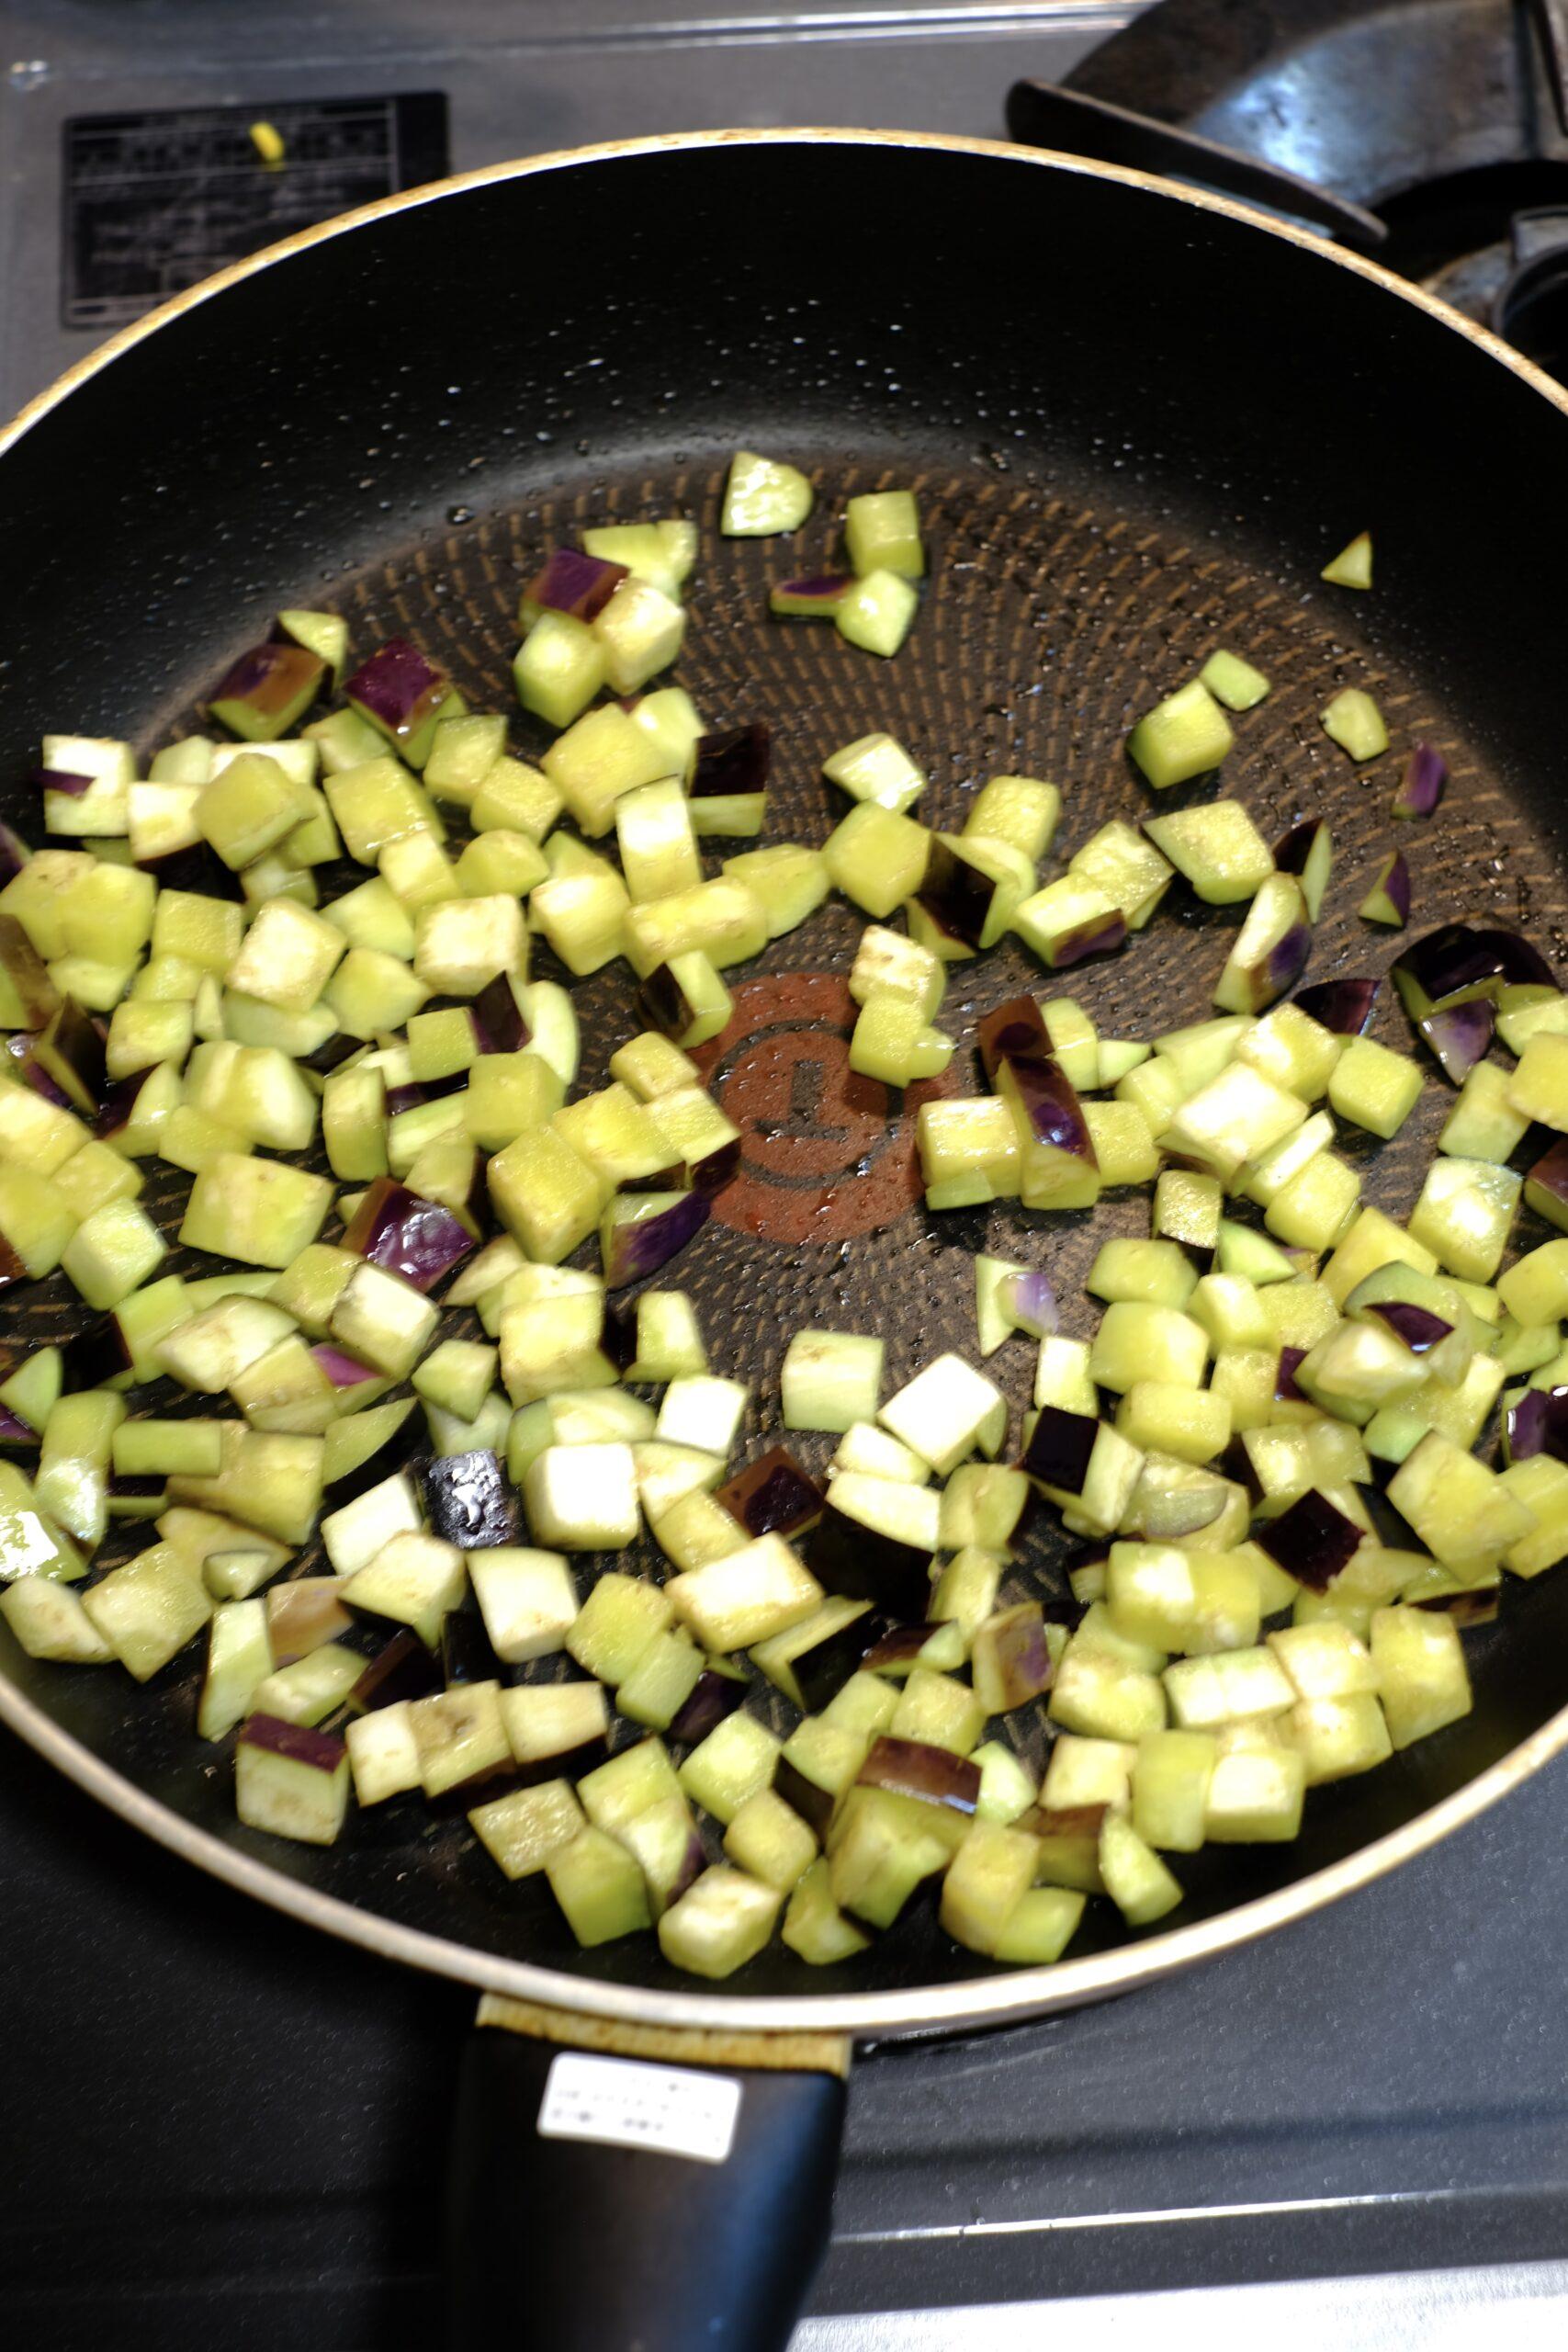 オリーブオイルをしっかり吸わせながら茄子を炒める様子の画像です